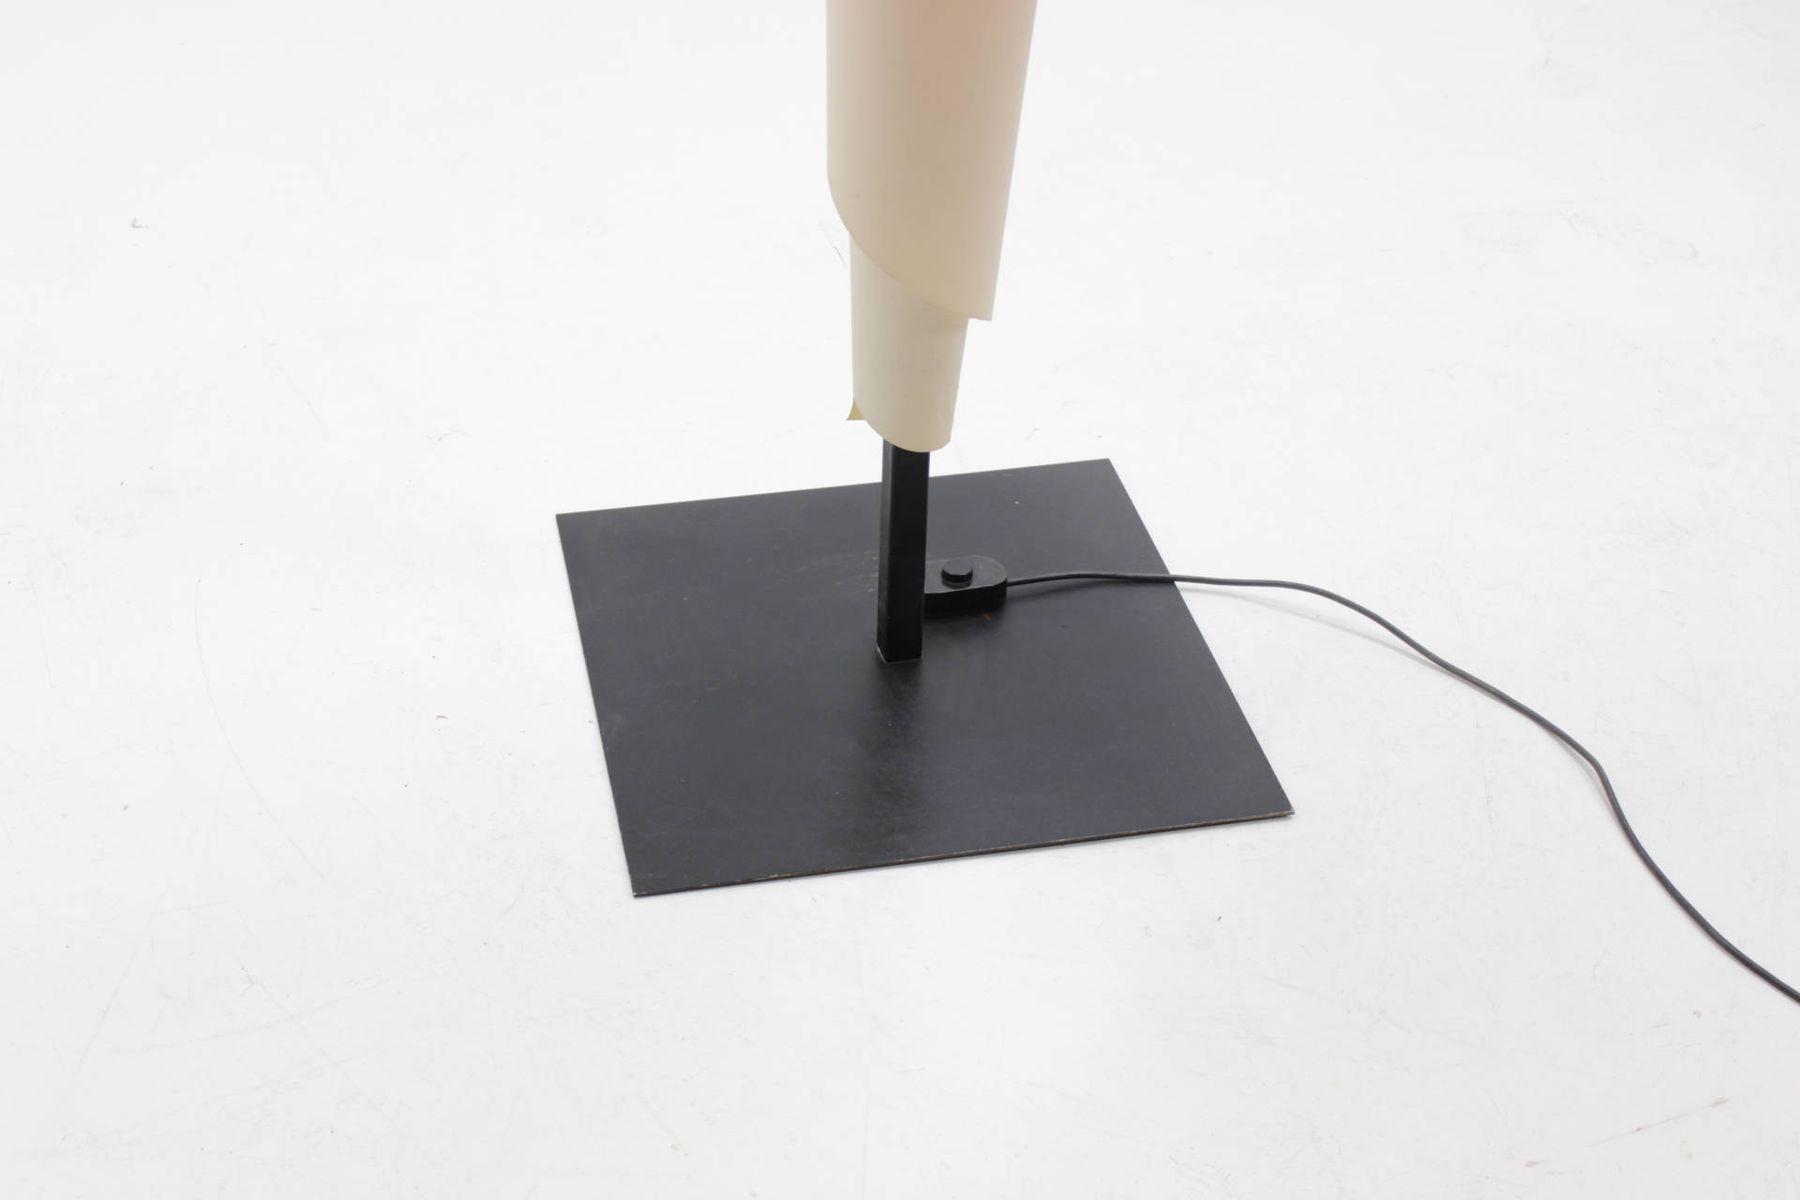 Alta costura white plastic floor lamp by josep aregall for for Alta costura f floor lamp